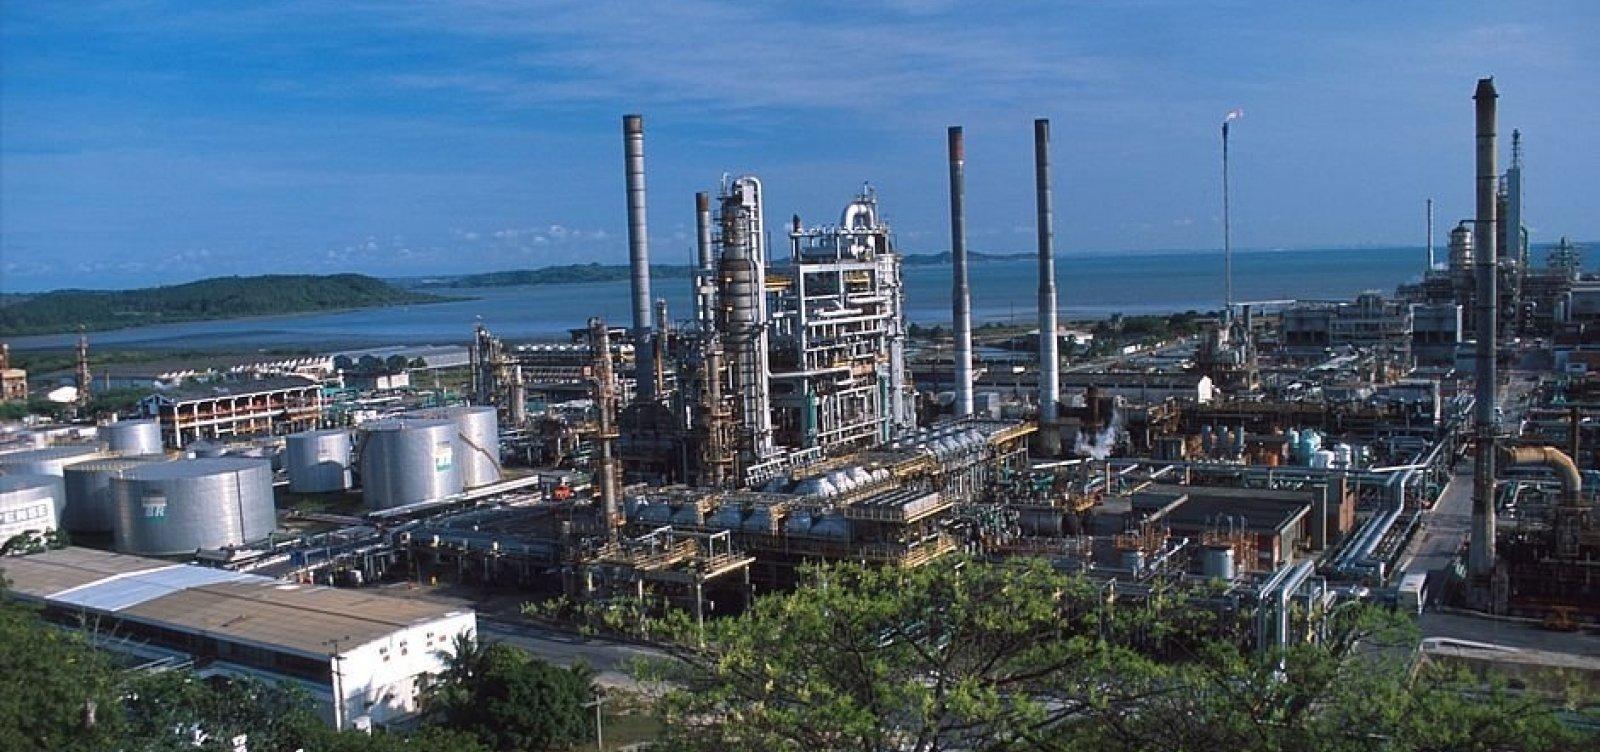 [Opep+ prorroga reduções na produção de petróleo em julho]